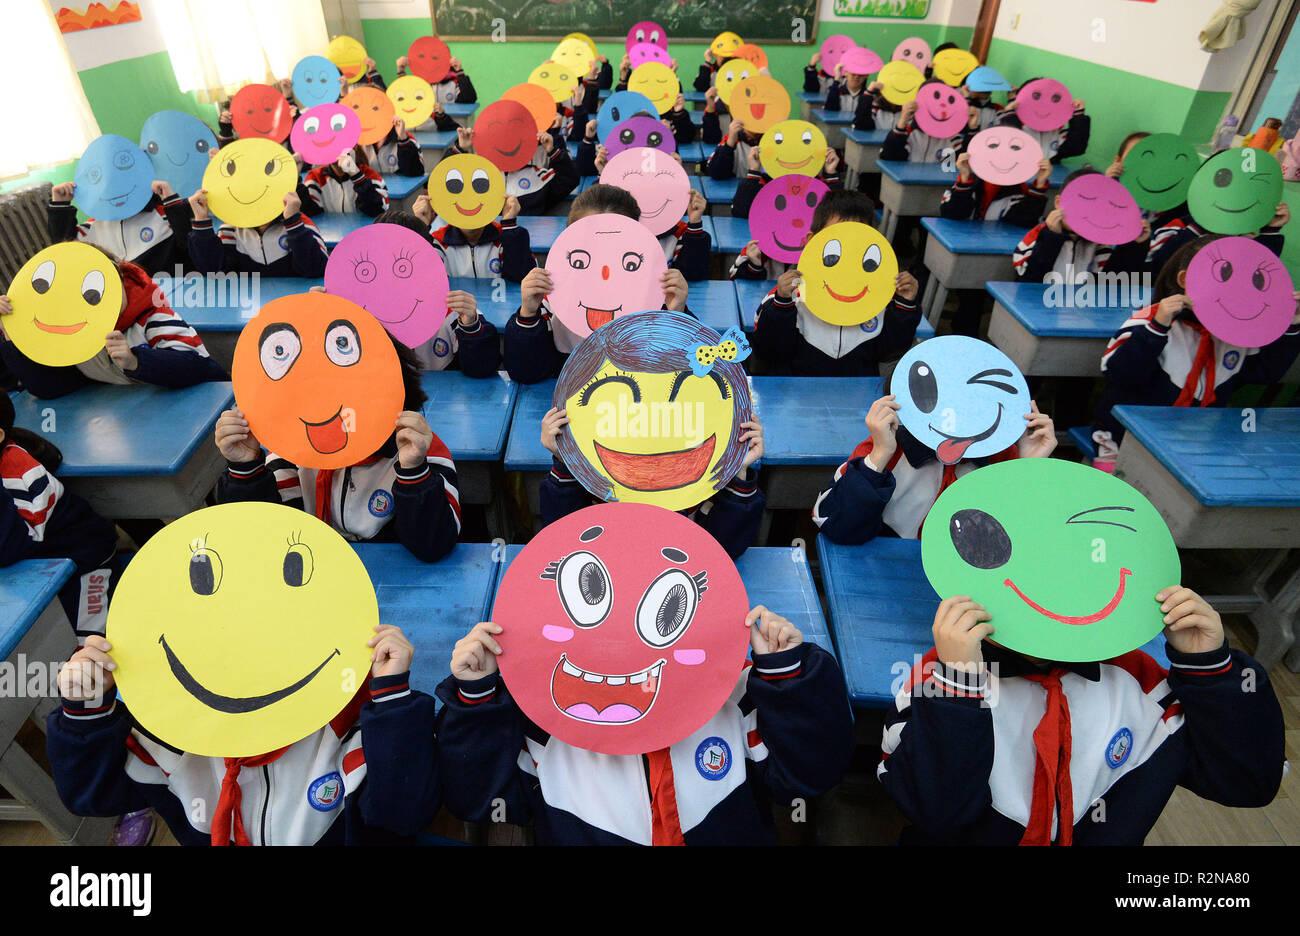 Handan, China. 20 Nov, 2018. Los jóvenes estudiantes dibujar cuadros de rostros sonrientes en una escuela primaria en Handan, en el norte de la provincia de Hebei, China, marcando el mundo hola día. El mundo hola día comenzó en respuesta al conflicto entre Egipto e Israel, en el otoño de 1973. Desde entonces, el mundo hola día ha sido observada por personas en 180 países. Crédito: SIPA Asia/Zuma alambre/Alamy Live News Imagen De Stock